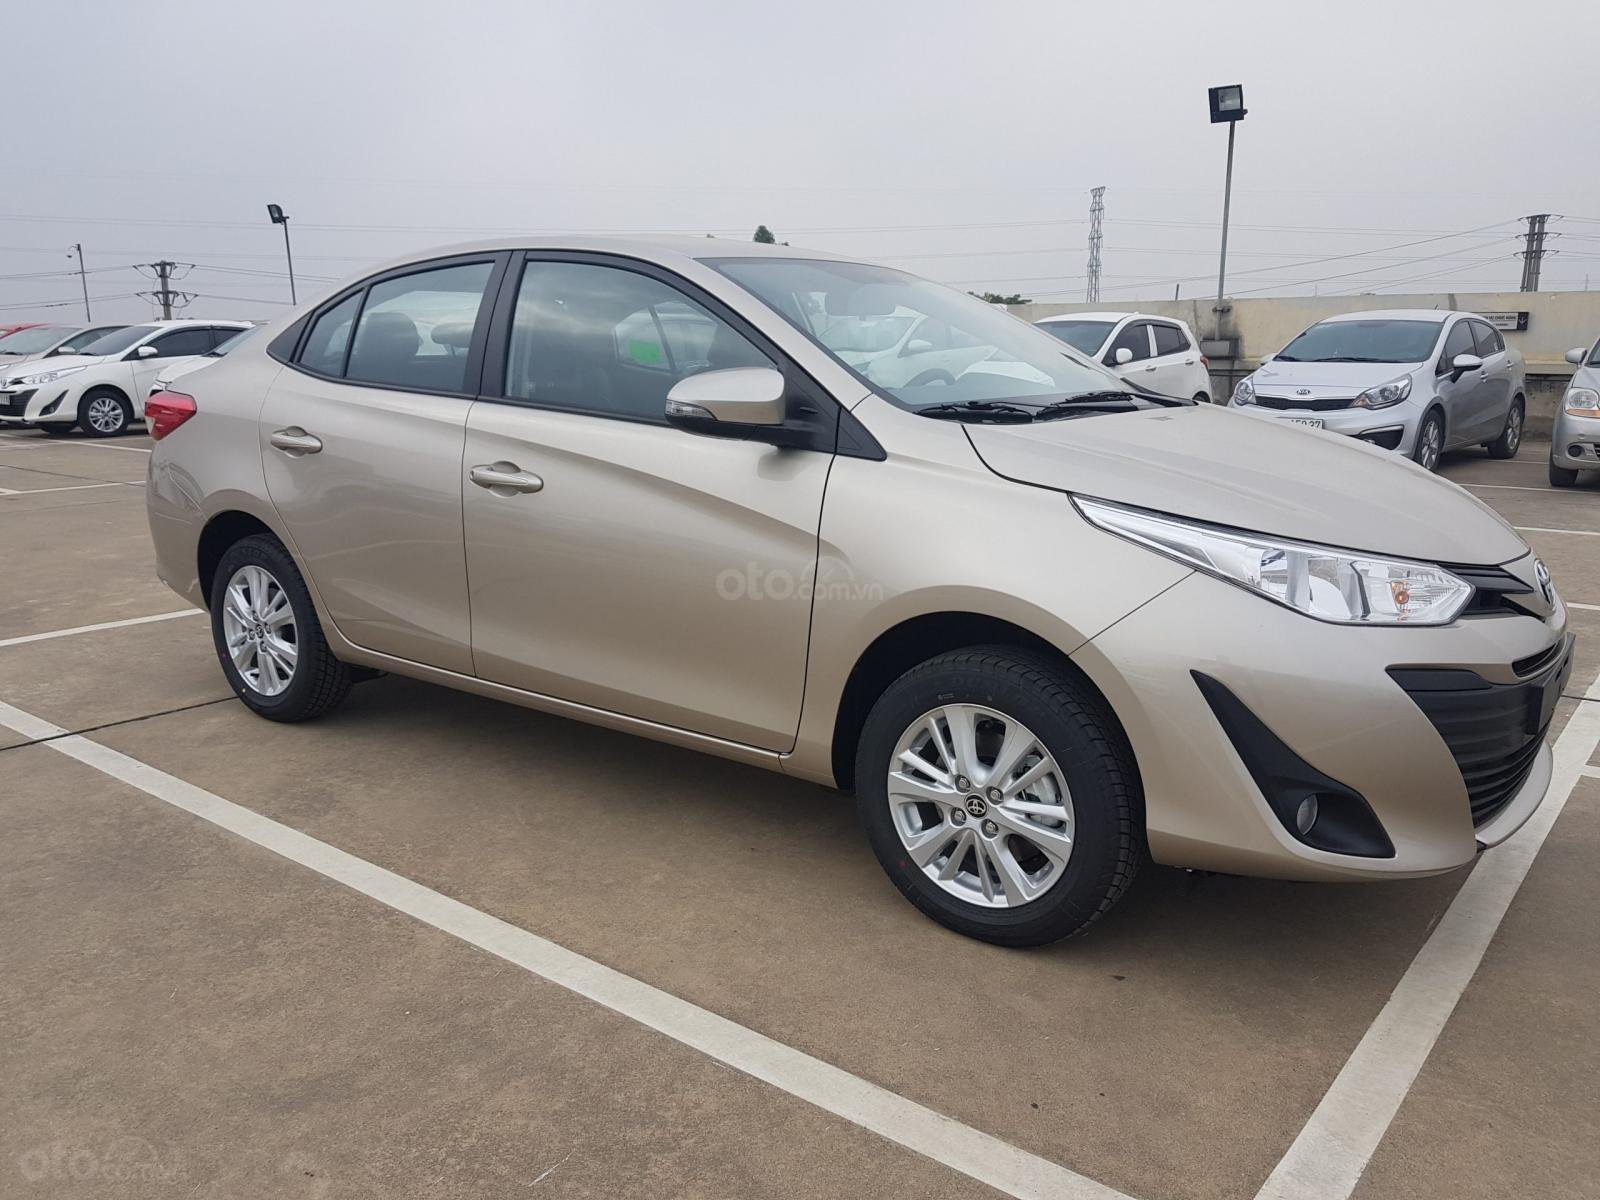 Toyota Vinh - Nghệ An bán xe Vios tự động giá rẻ nhất Nghệ An, trả góp 80% lãi suất thấp (2)